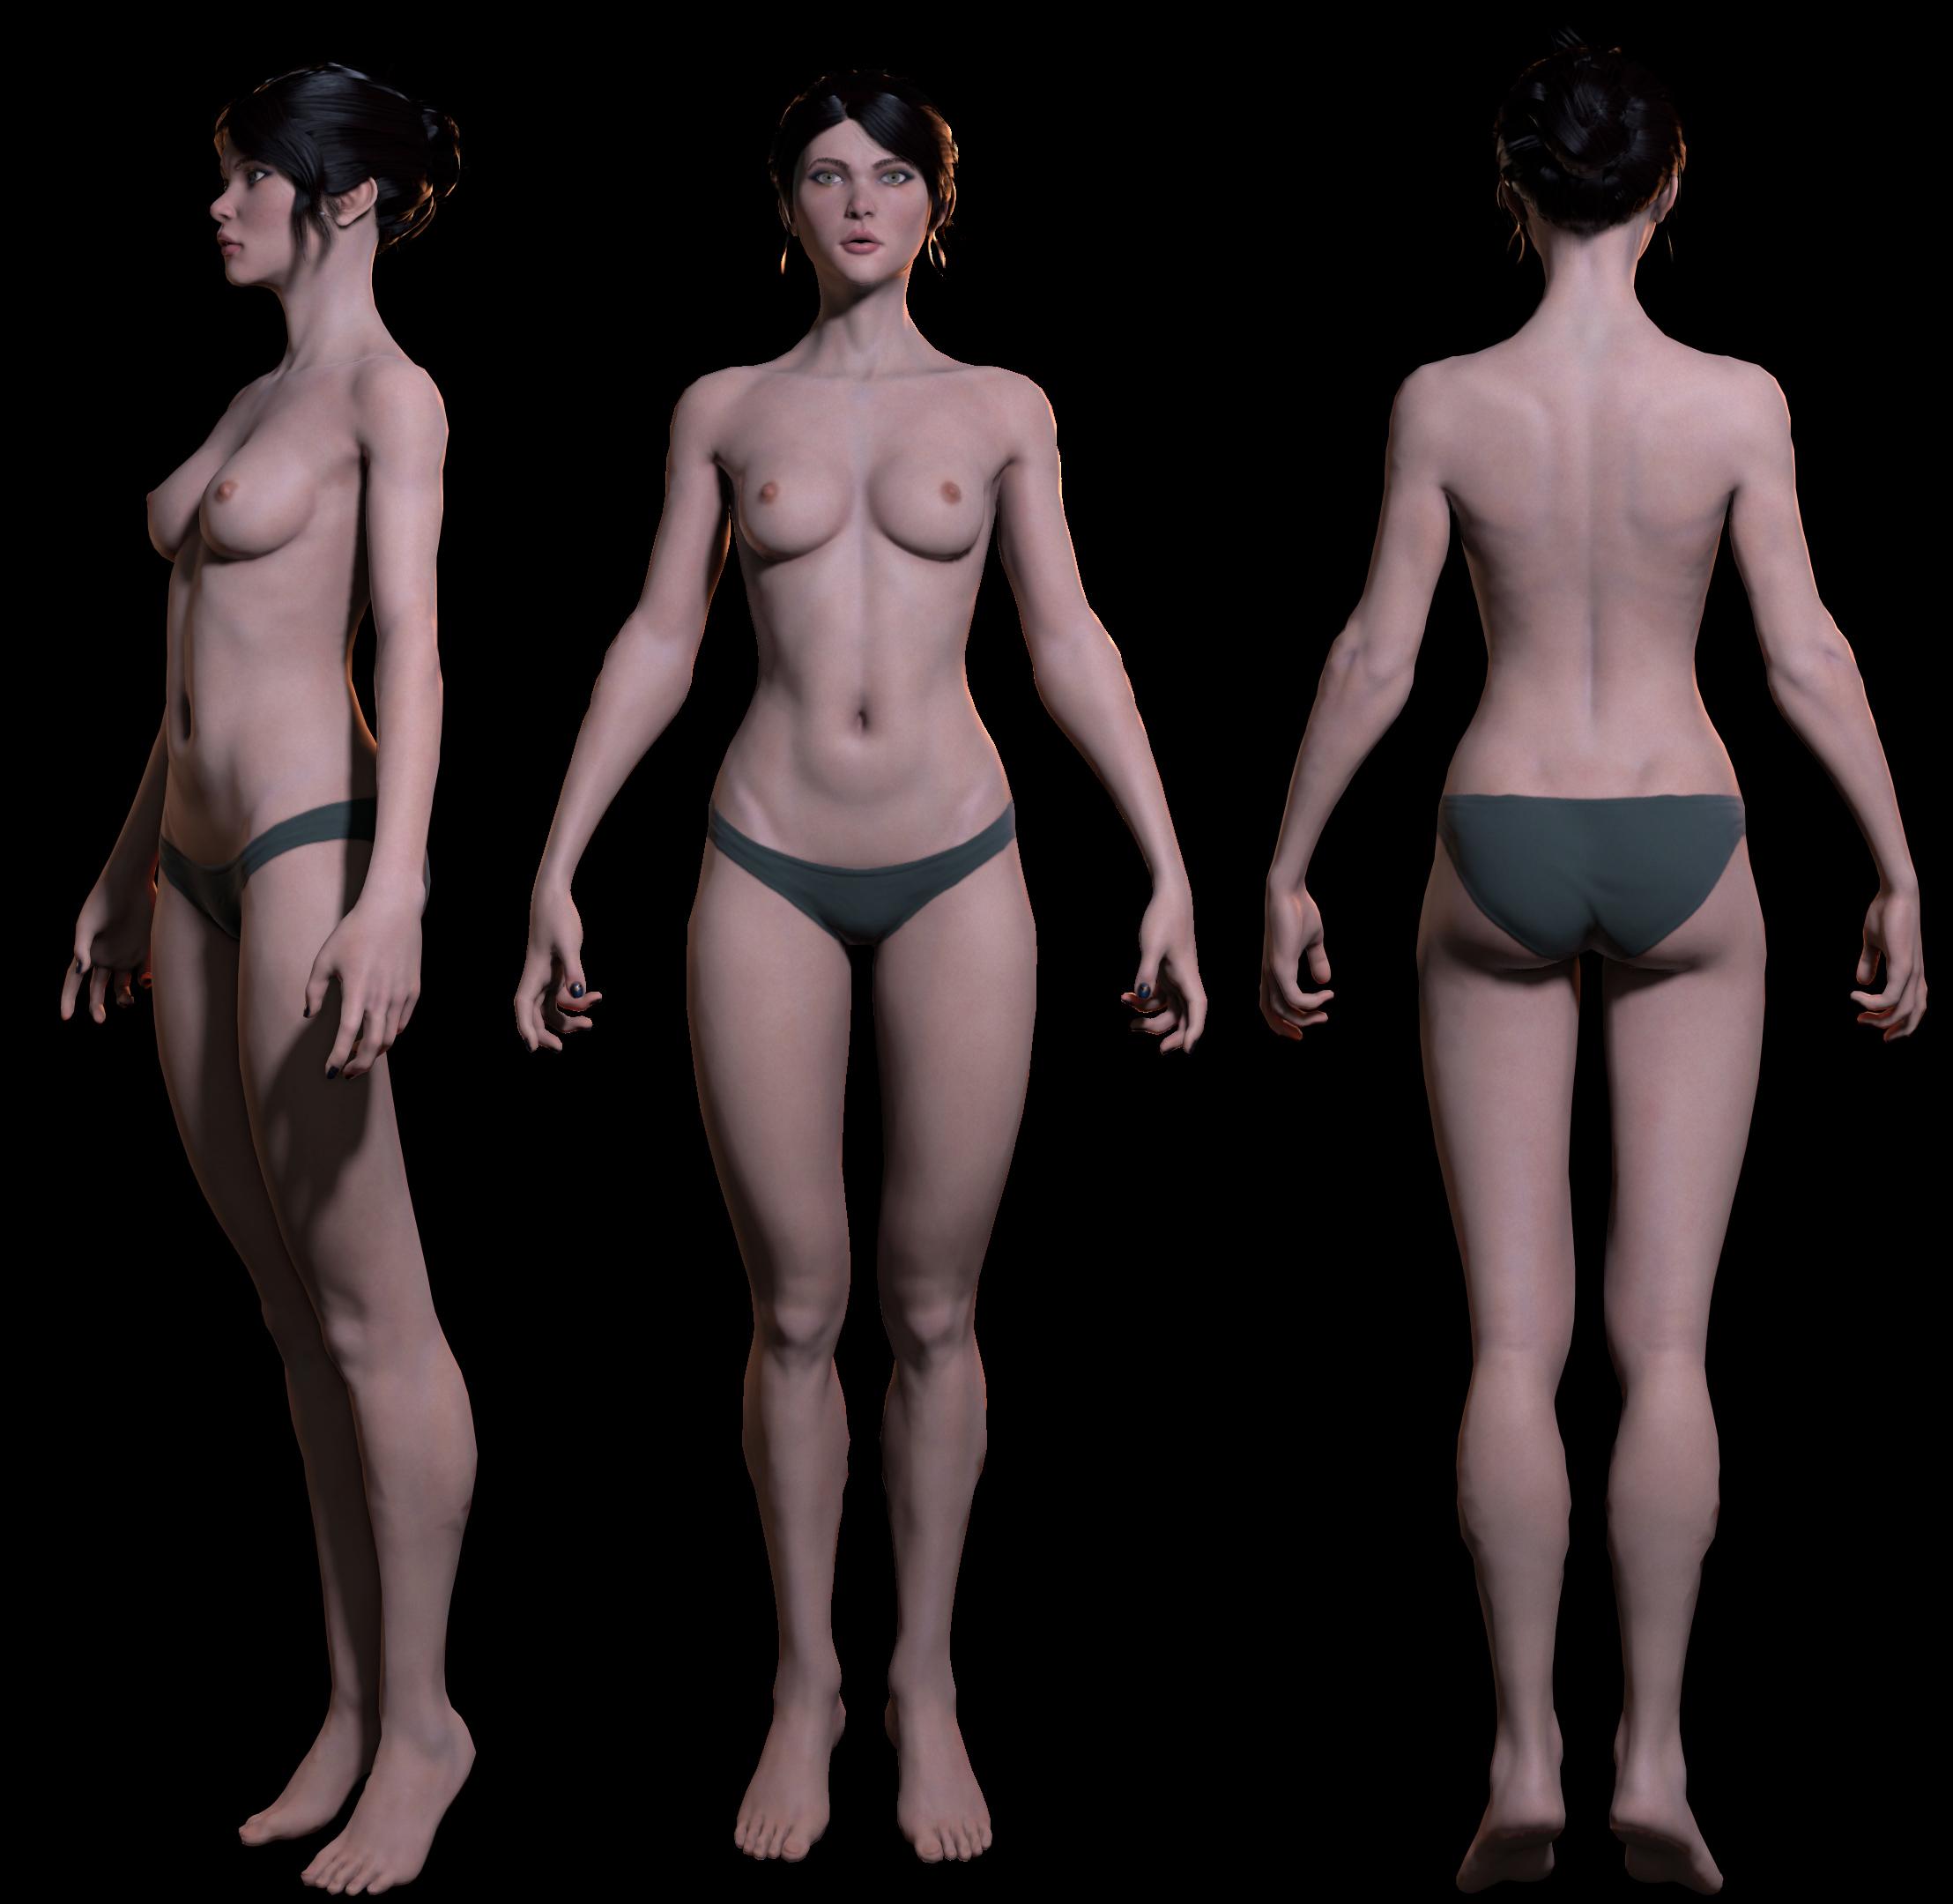 Female_NudeLineUp_01.jpg